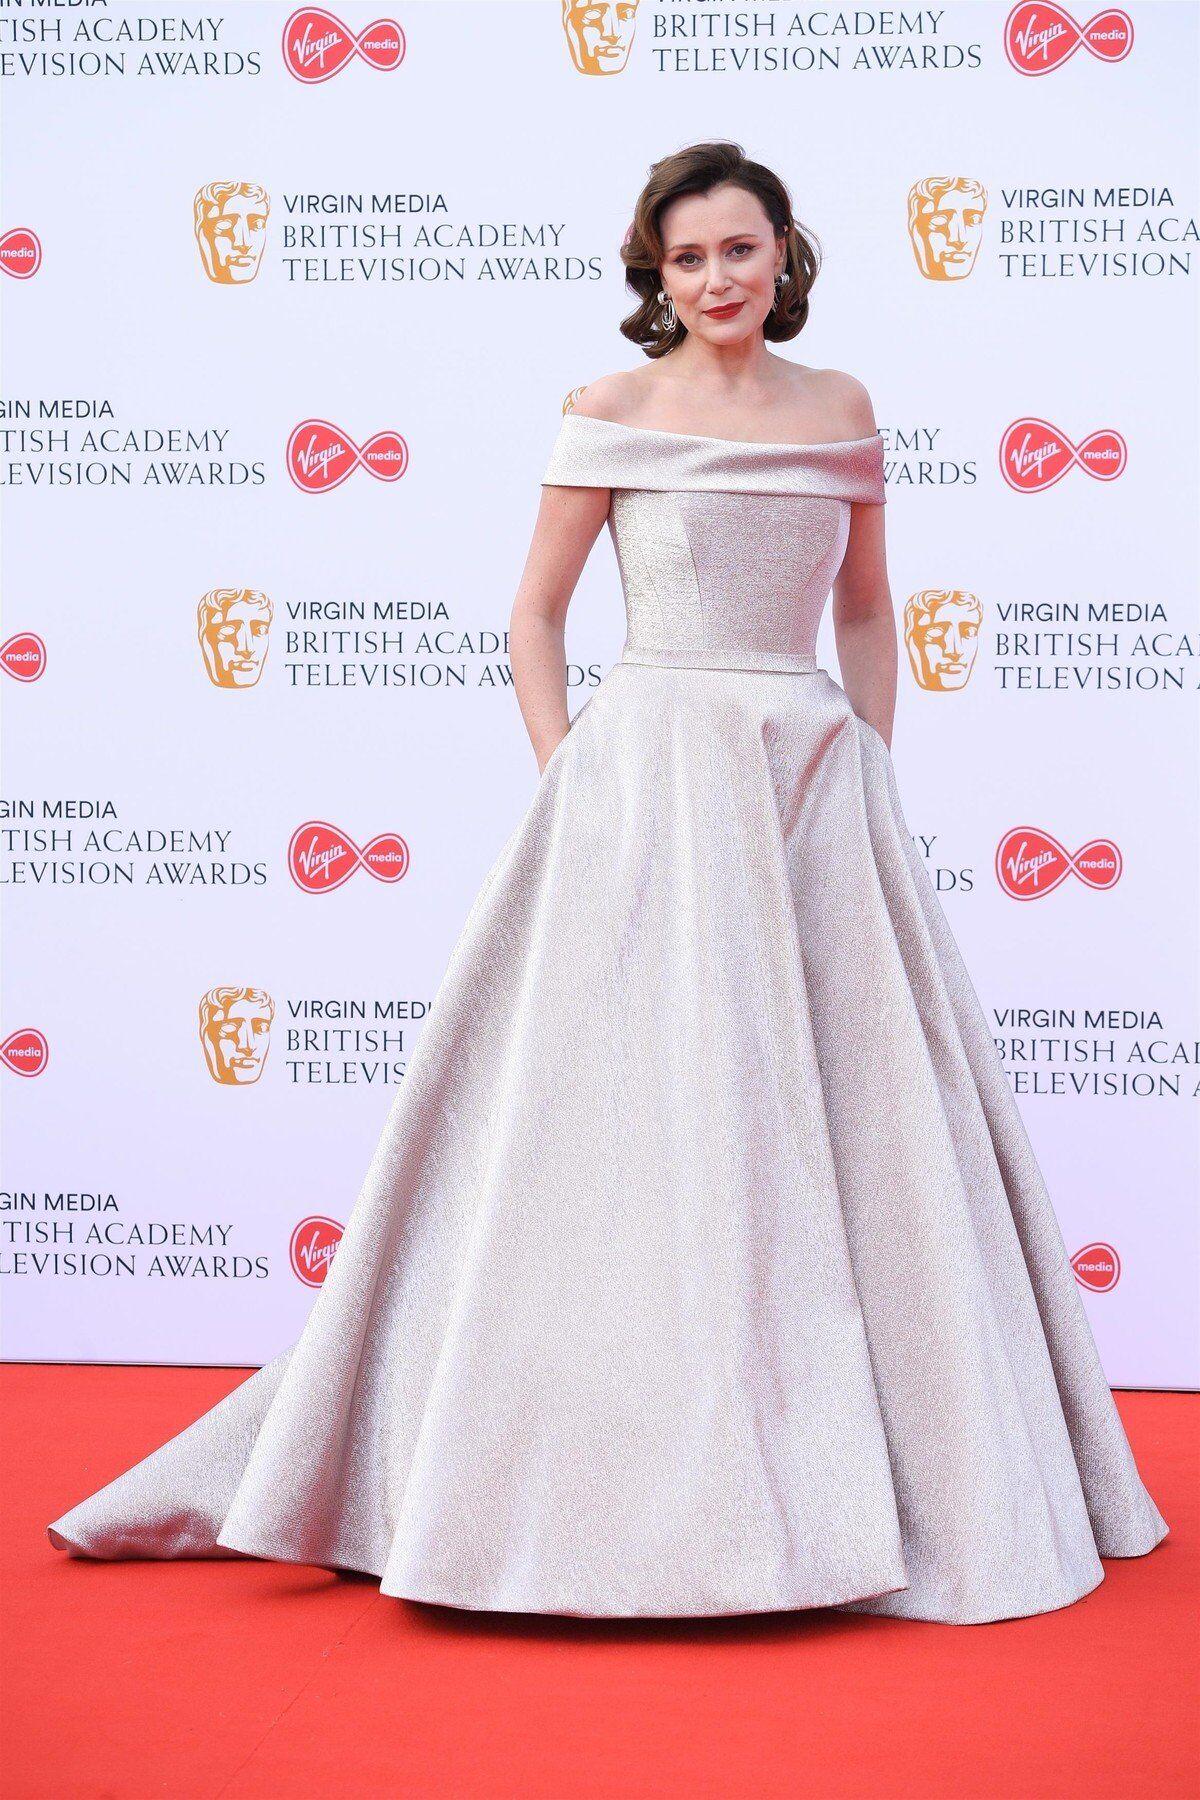 ca7caf204 Zvláštní šaty zvolila moderátorka Maya Jama. Bílé blyštící se šaty bez  rukávů se střapci, skrze něž prosvítaly nohy, herečka doplnila výrazným  stříbrným ...